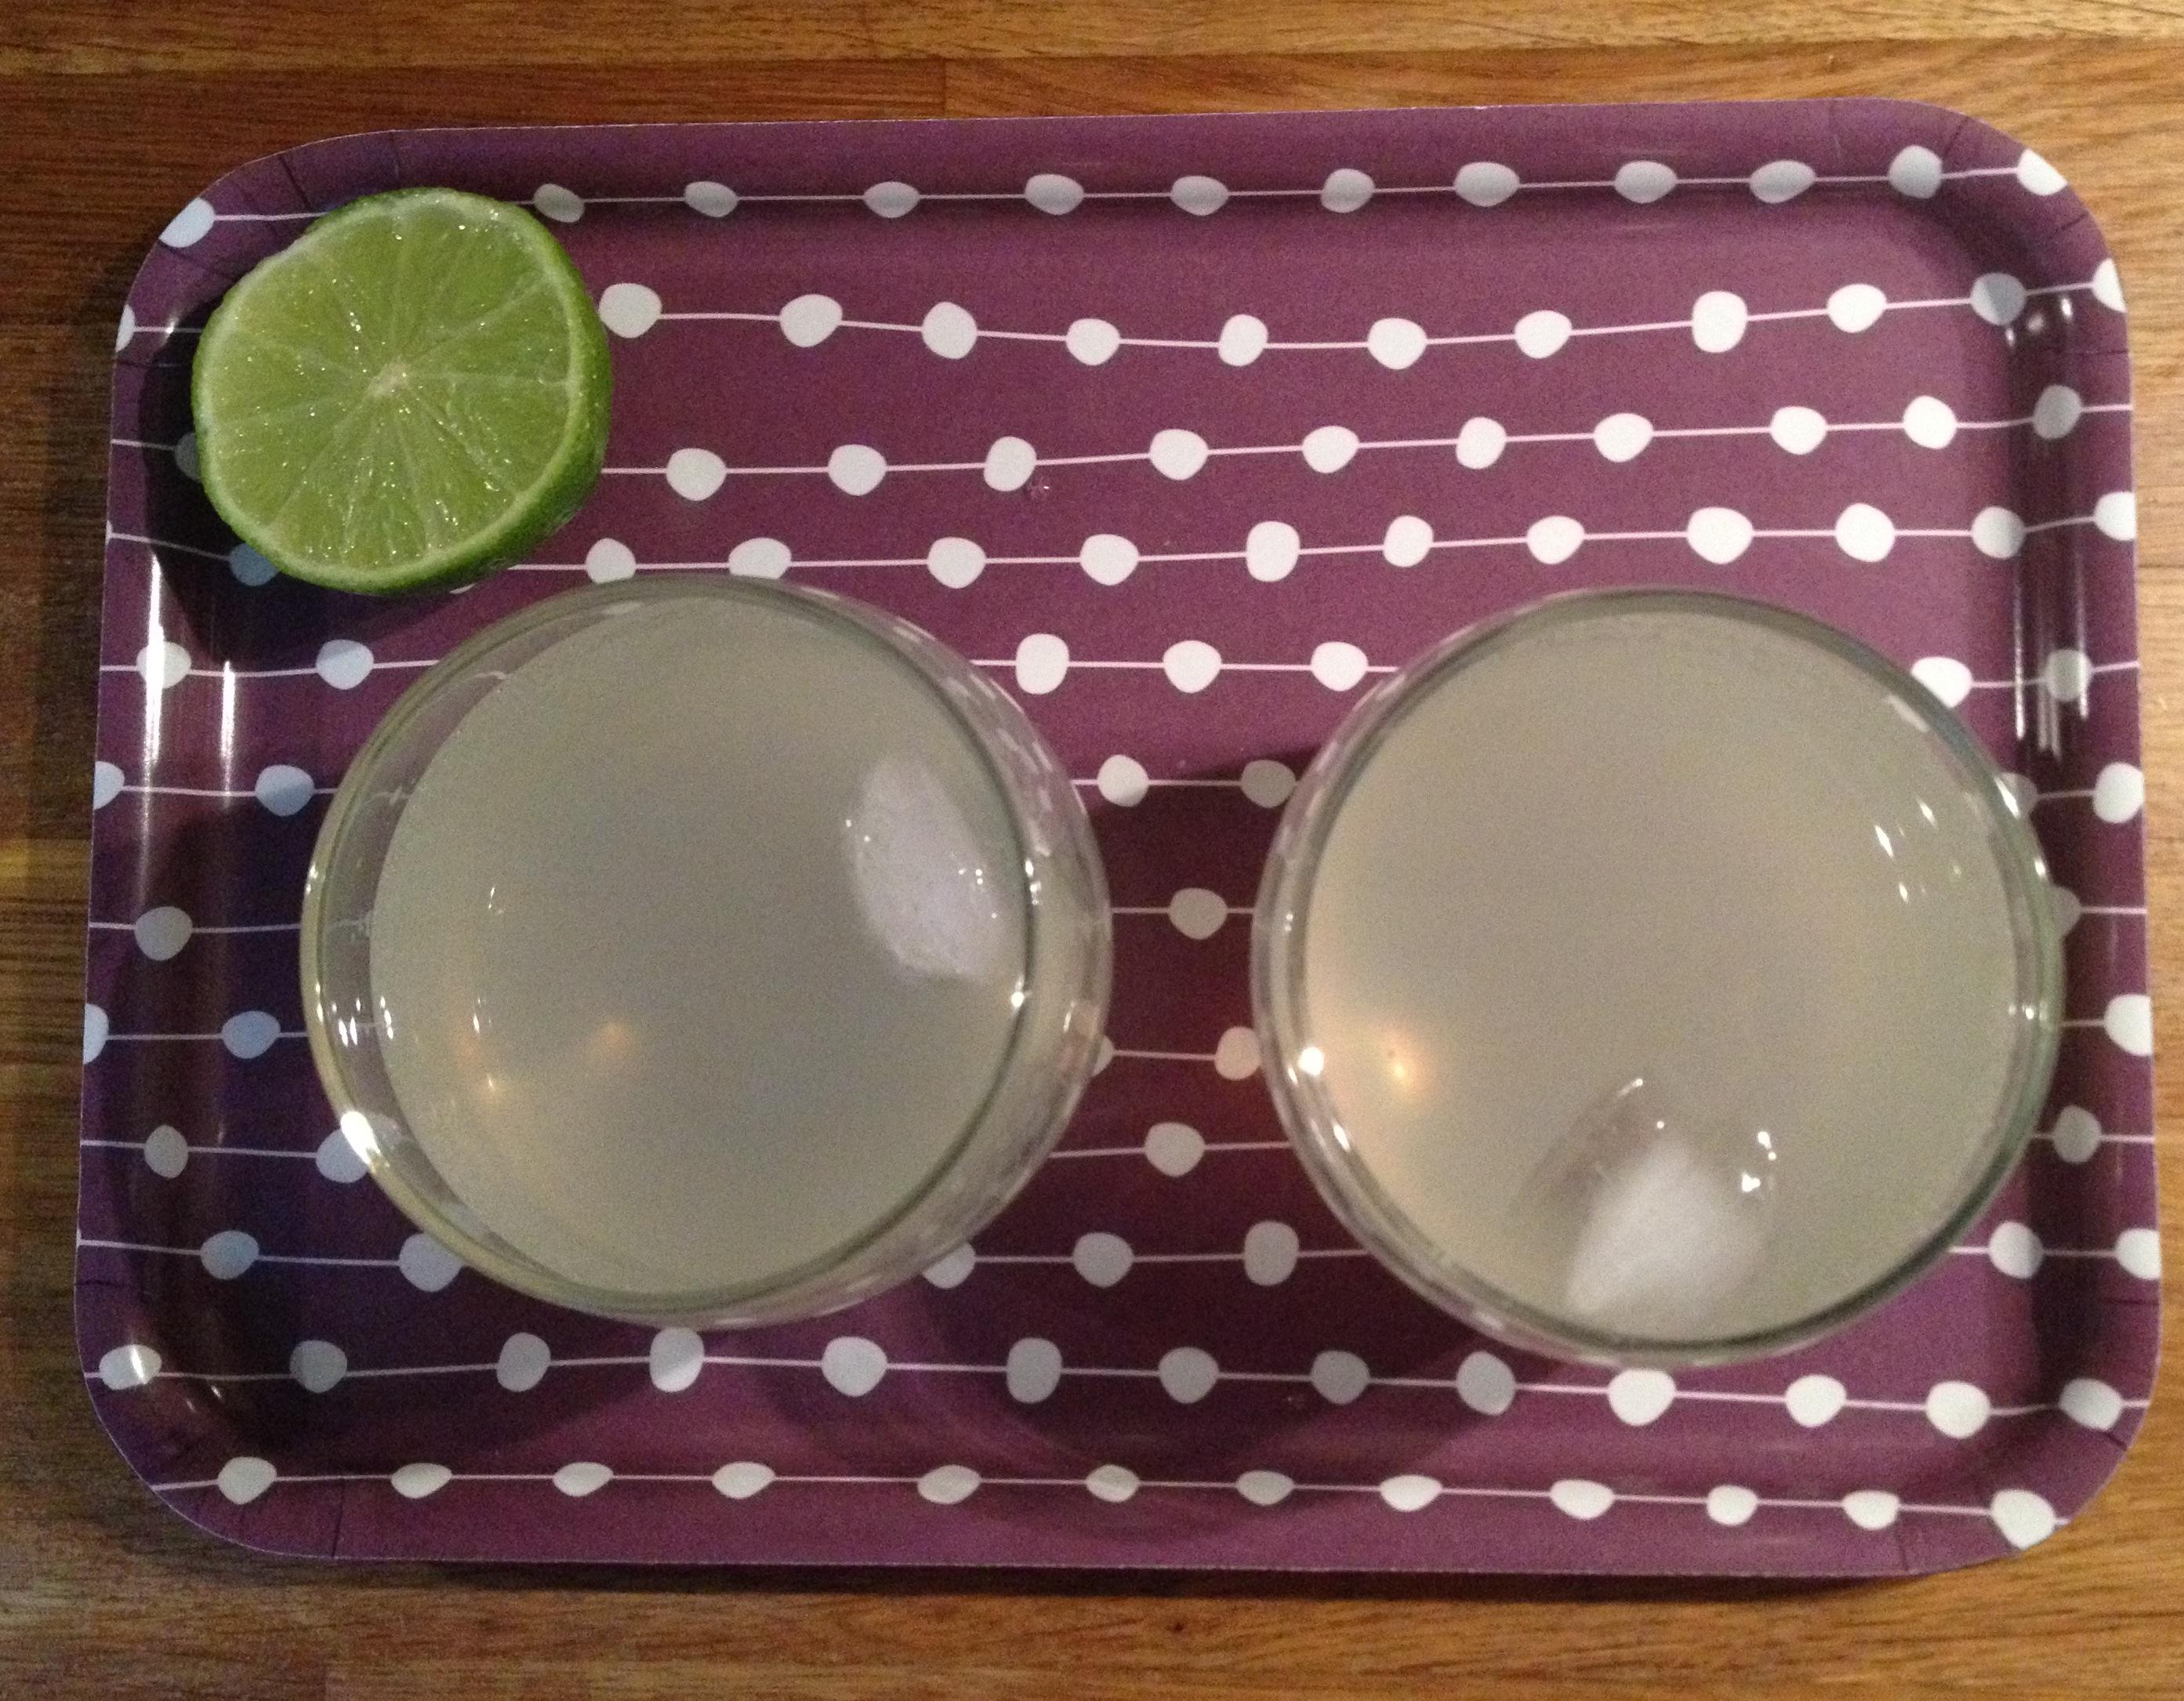 Lemon gin cocktails